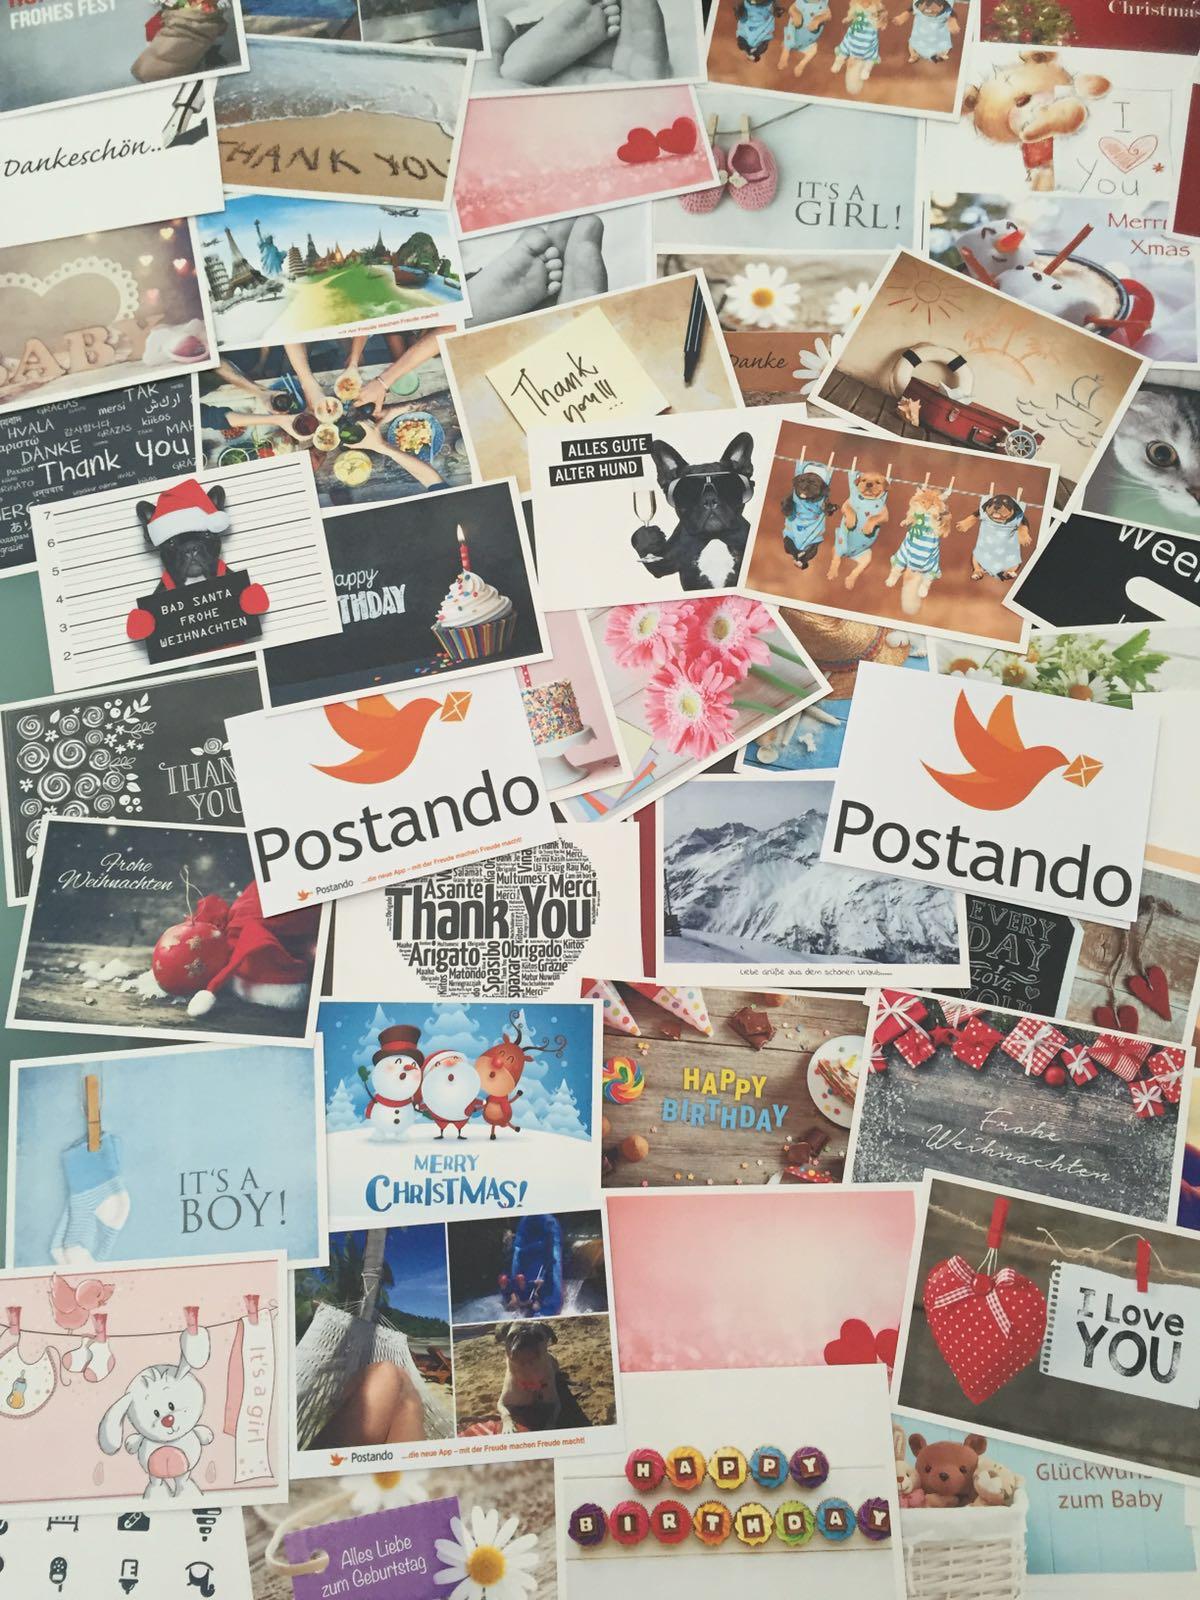 Postando_2